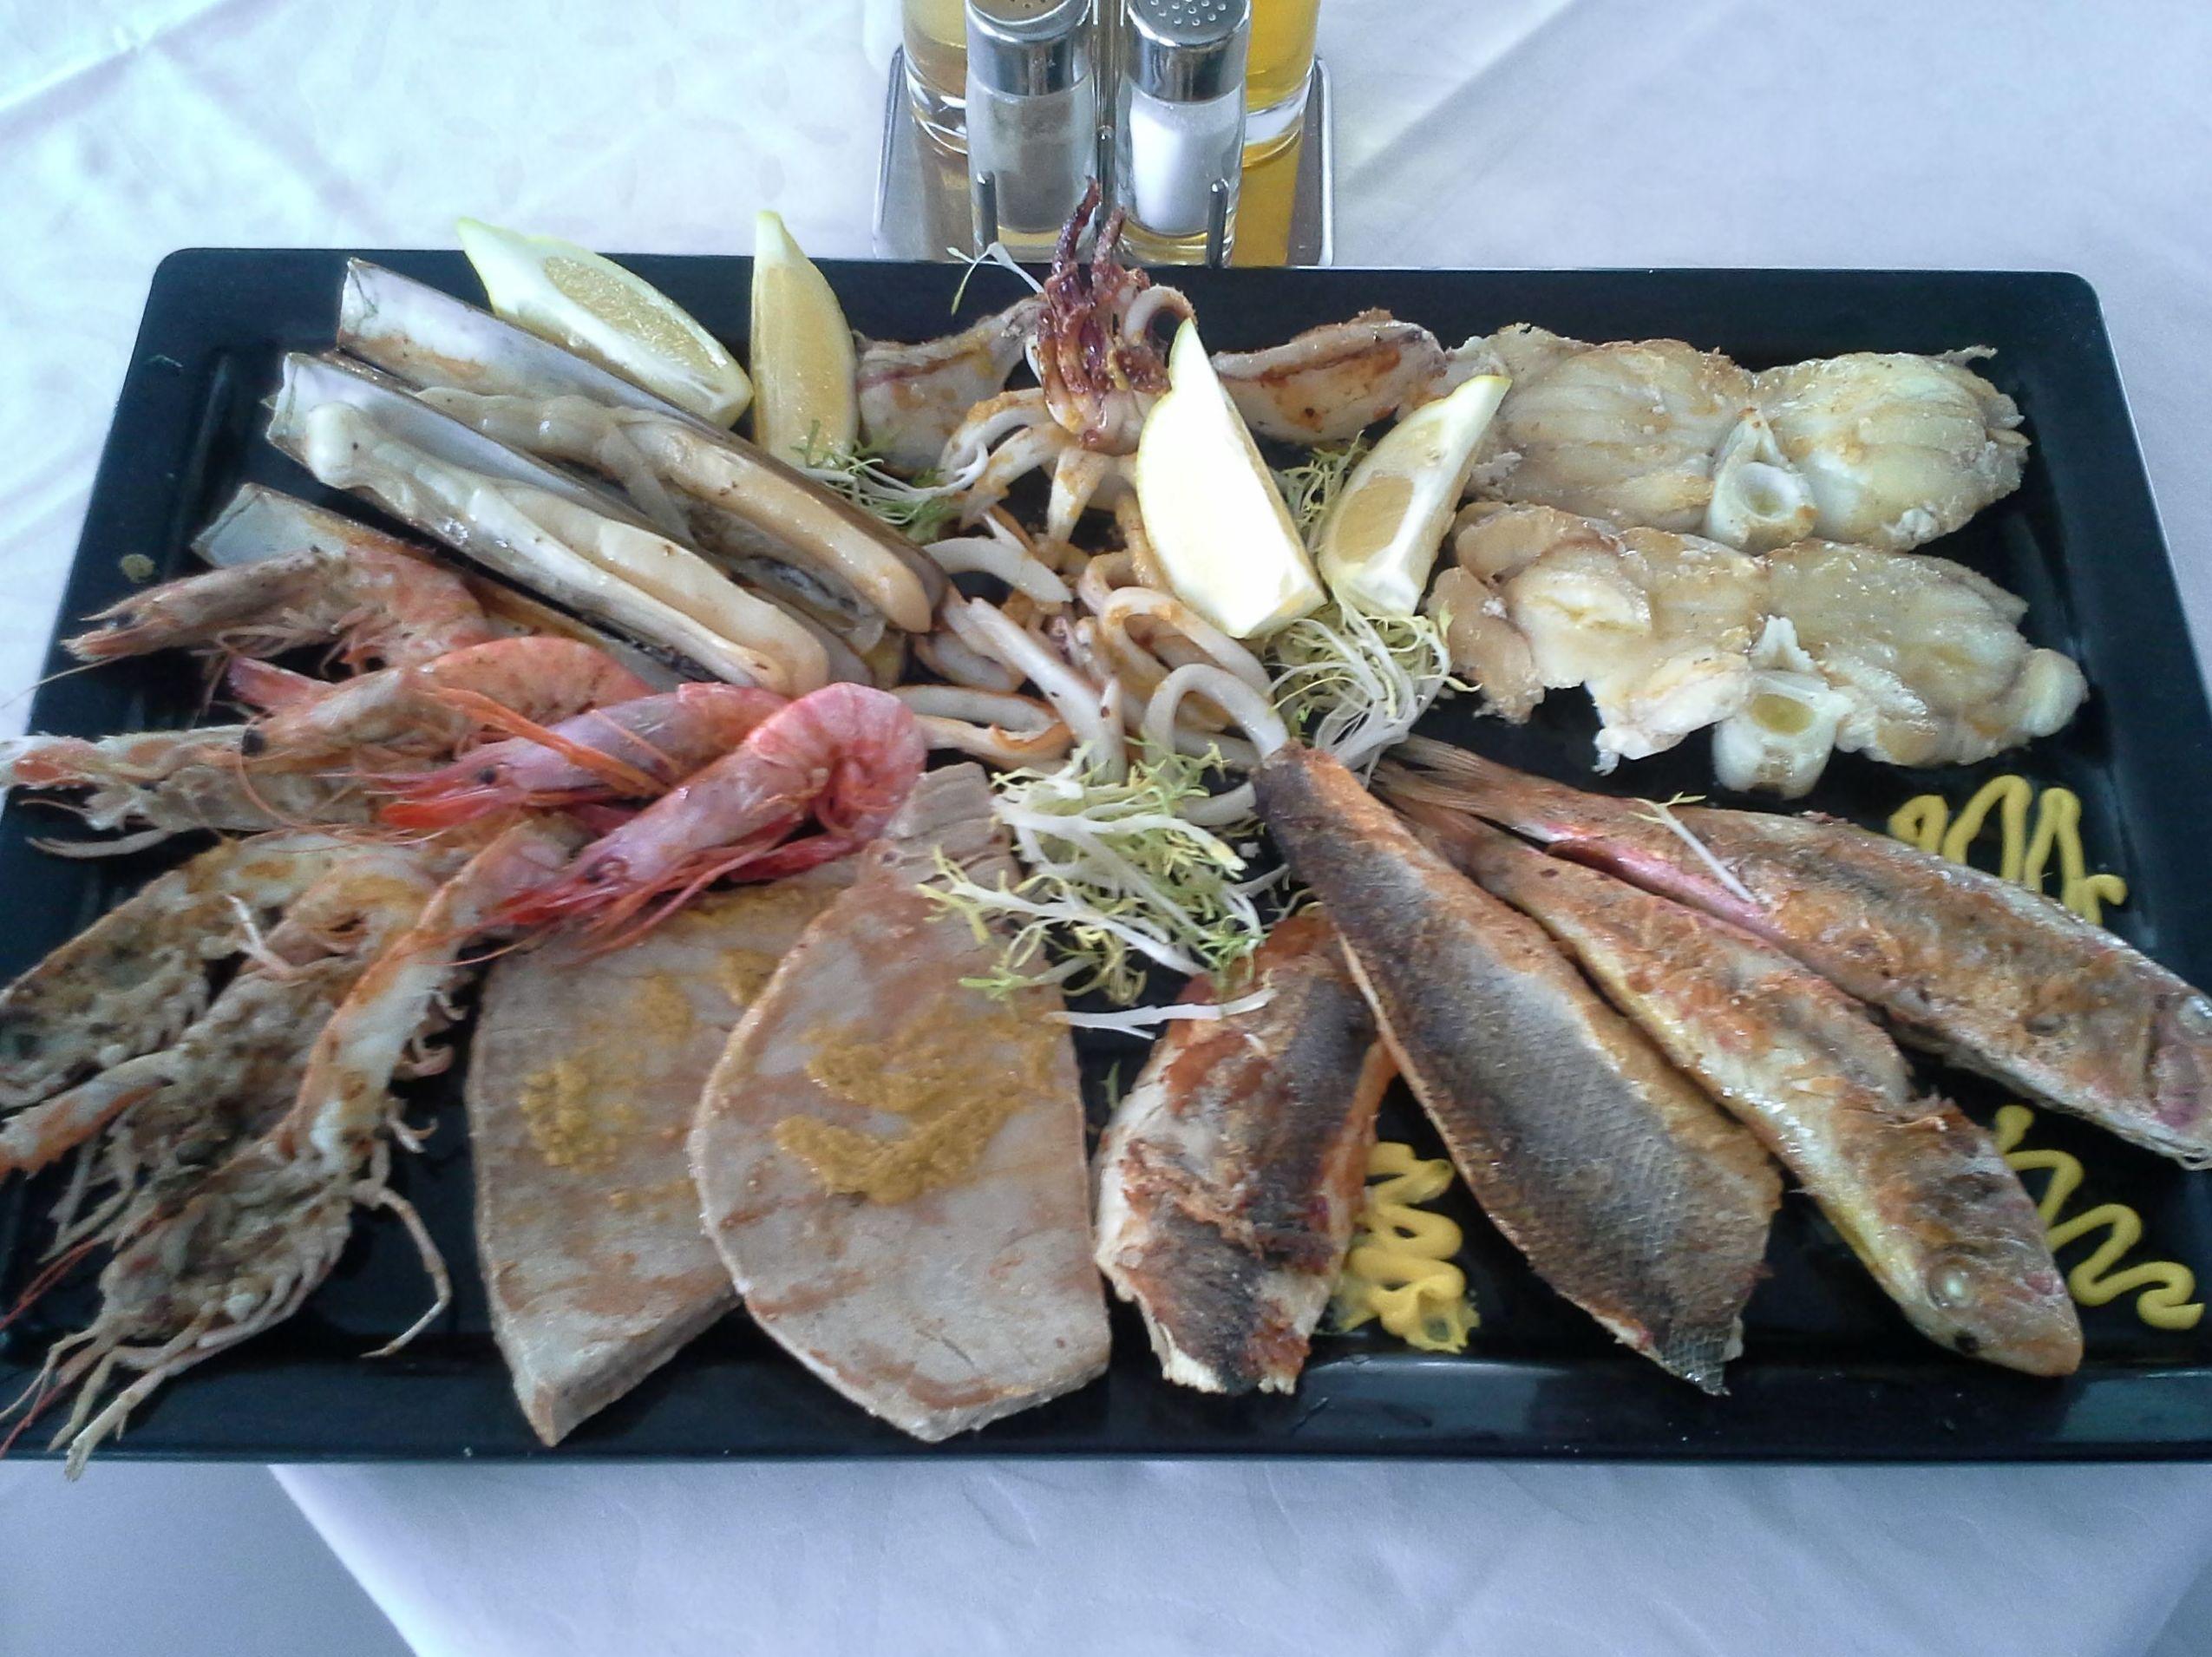 Parrilladas de pescados y mariscos recién traídos de la lonja